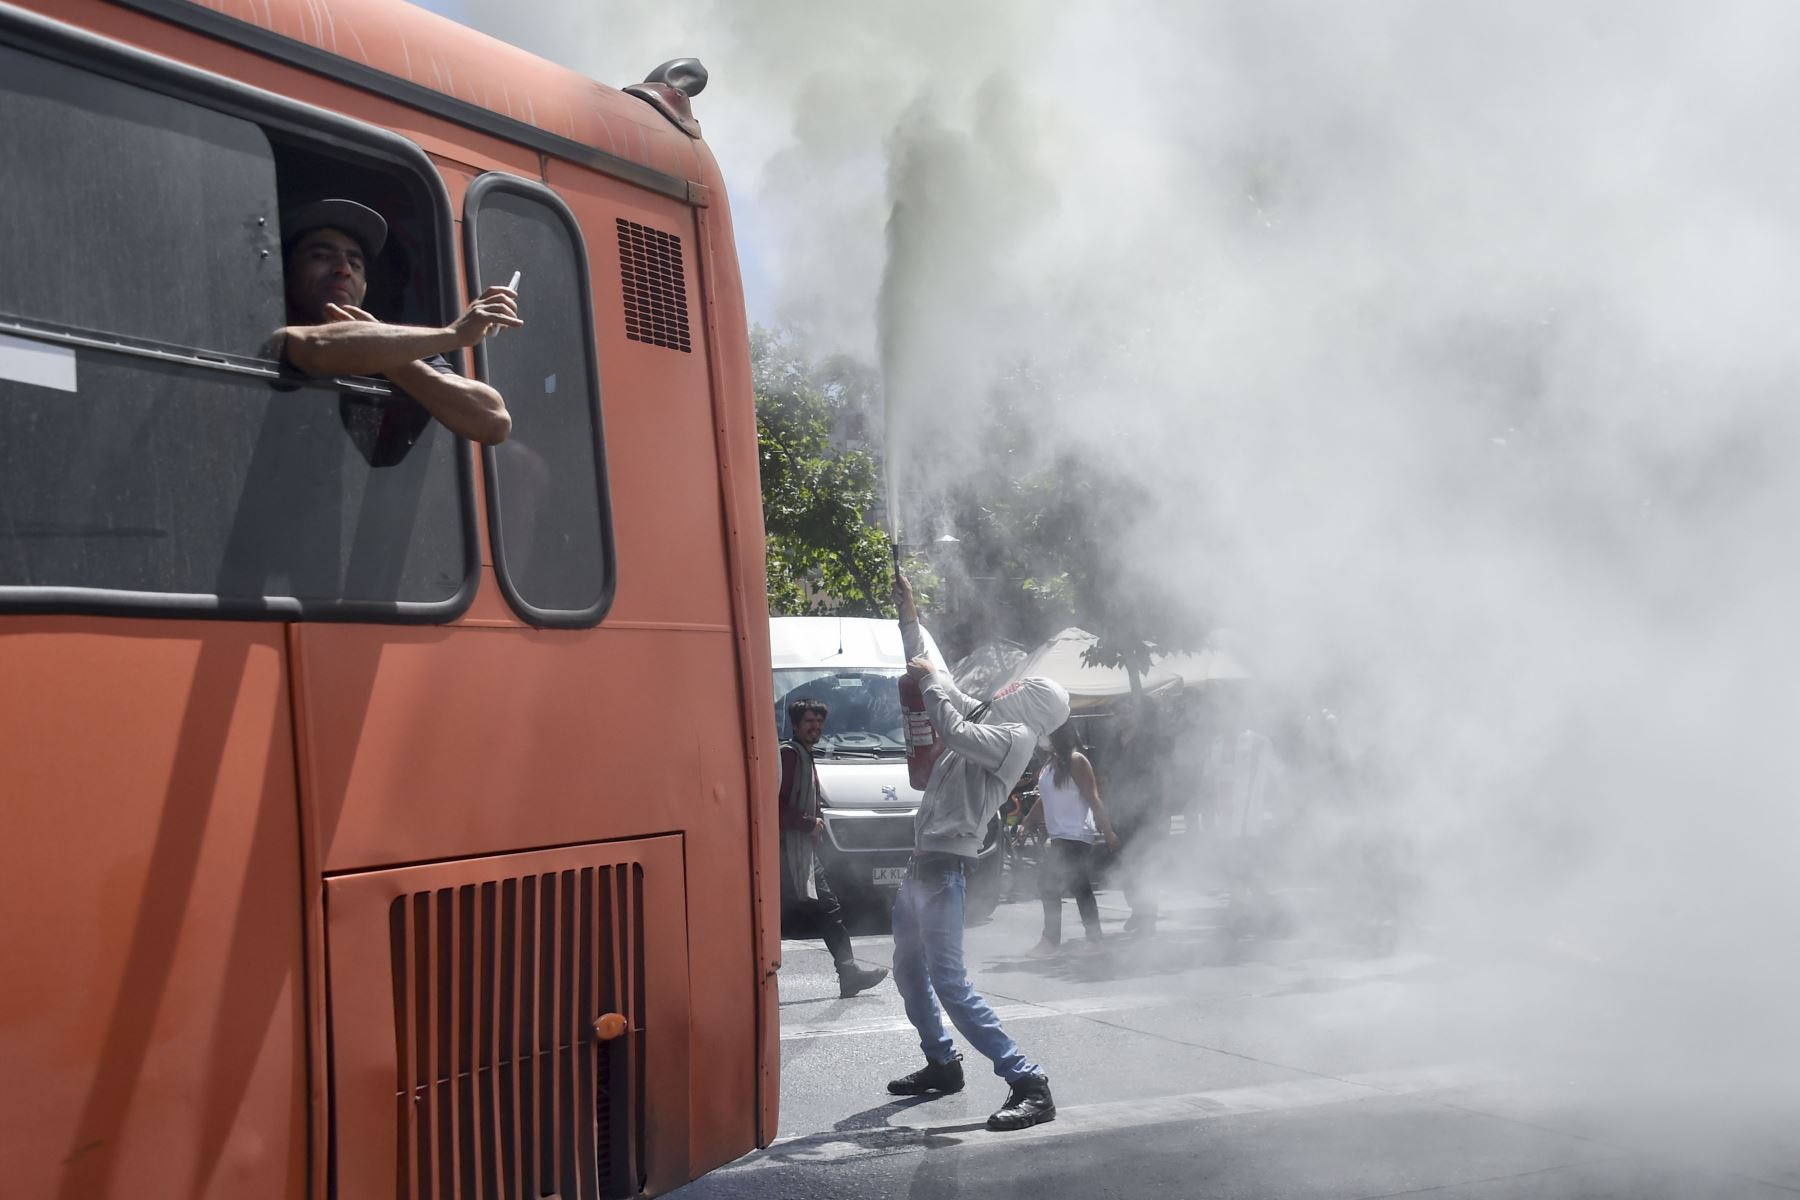 Un manifestante desencadena un extintor de incendios durante una protesta contra las políticas gubernamentales cerca del Centro Costanera, un complejo comercial en Santiago. Foto: AFP